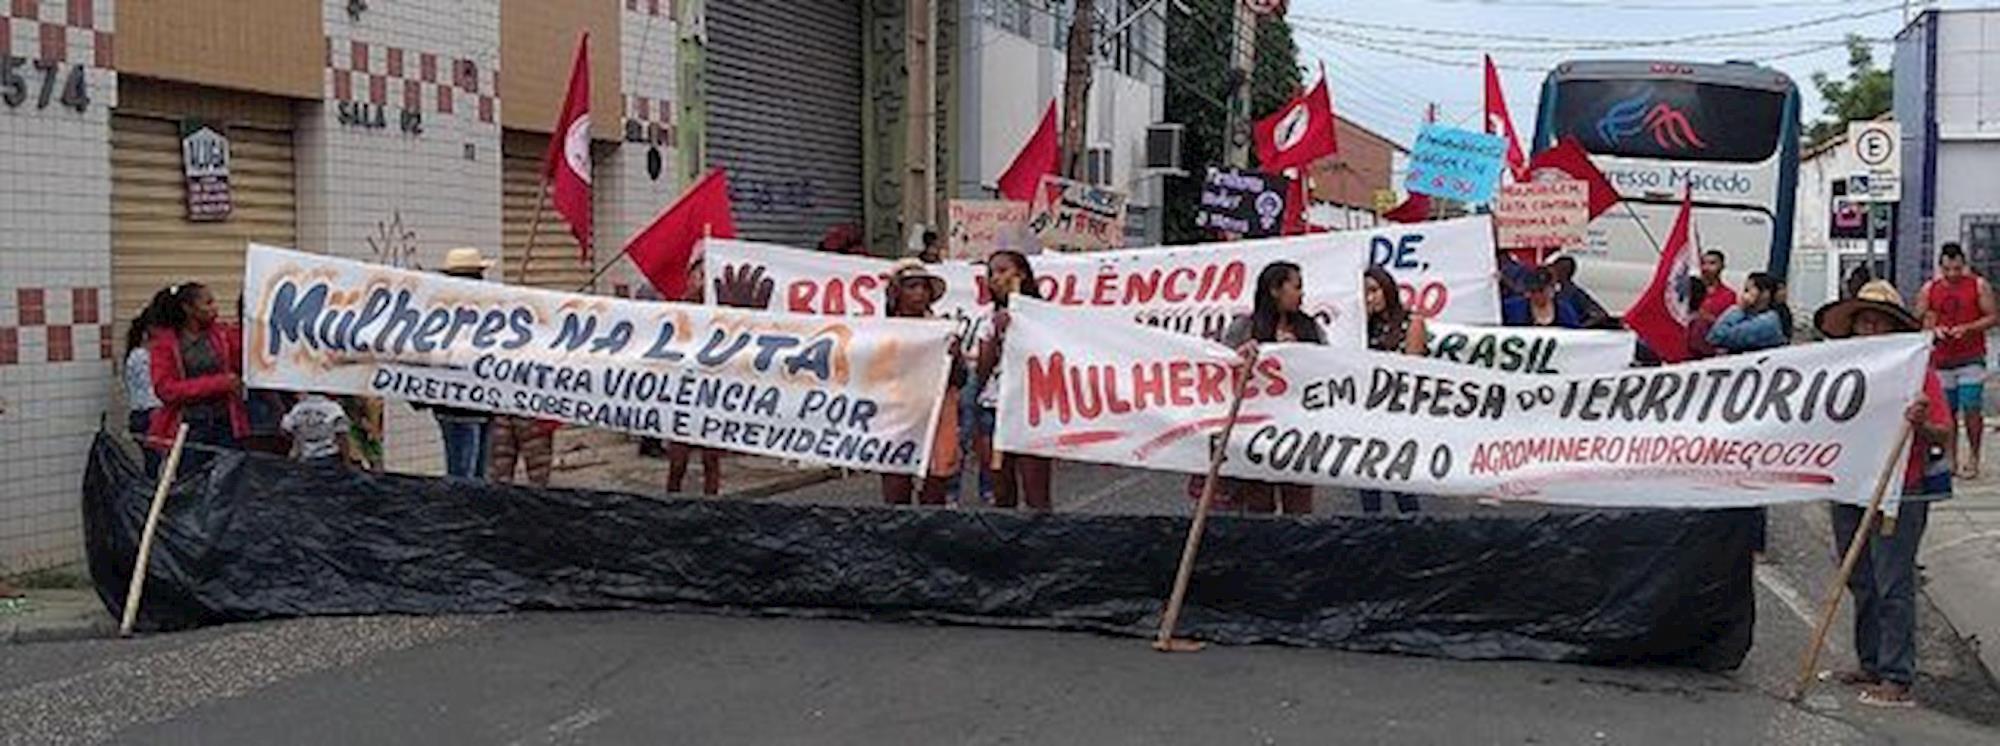 , MPA/Piauí